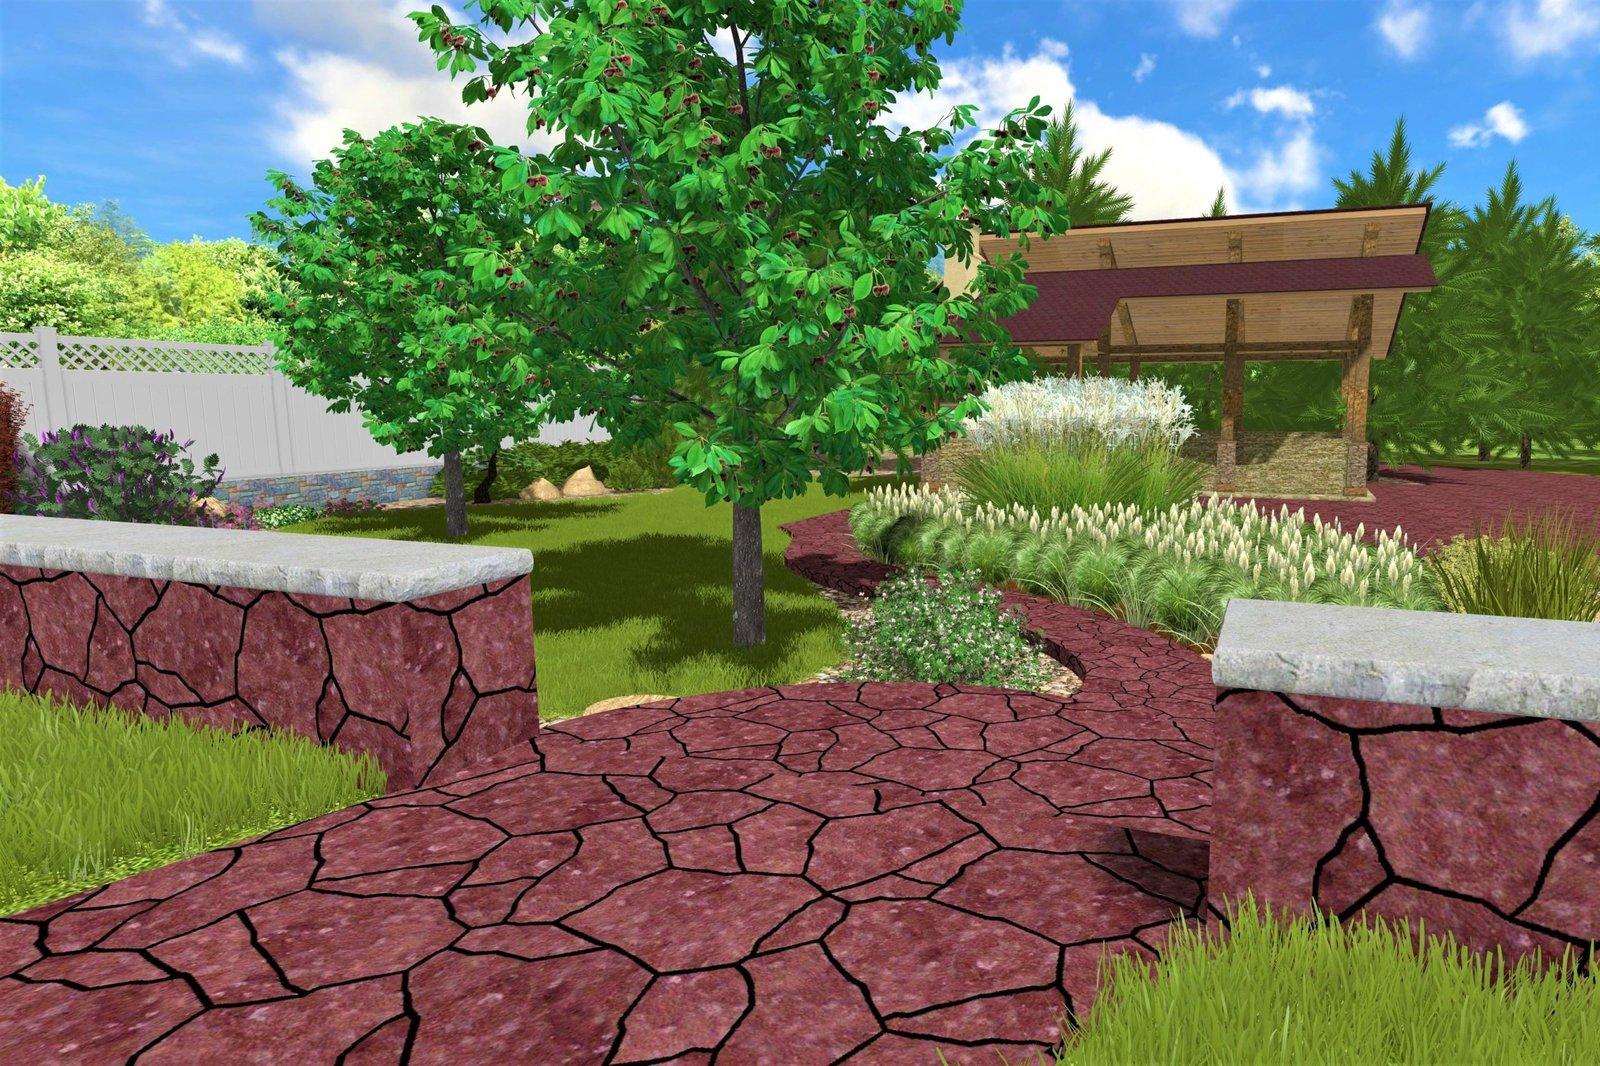 проект мощения в саду, проект дорожек в саду, проект площадок, ландшафтный проект